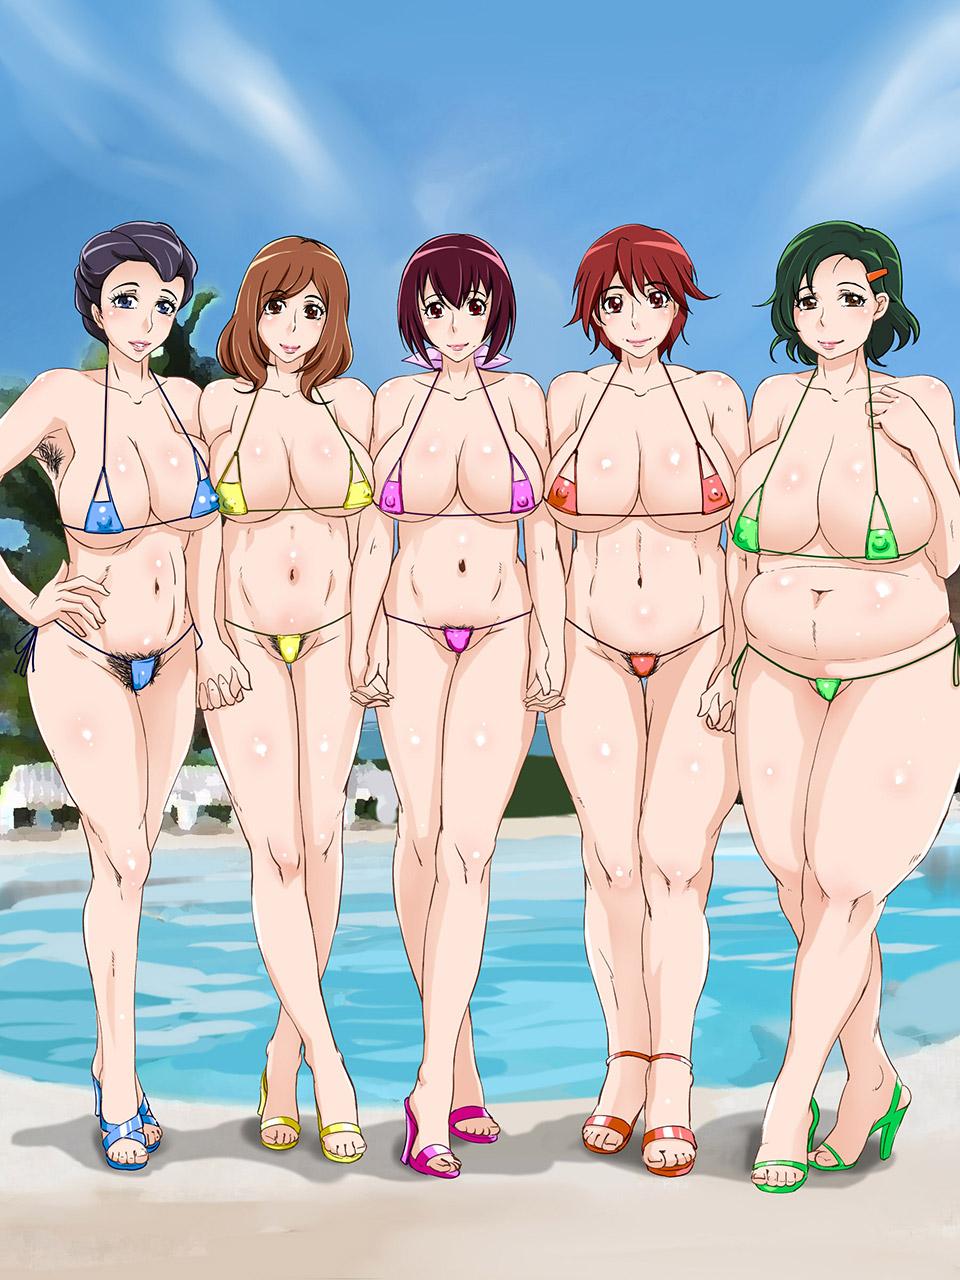 【熟女エロ画像】イラストなのに色気をプンプンと漂わせてくる妖艶な人妻たちwww 17